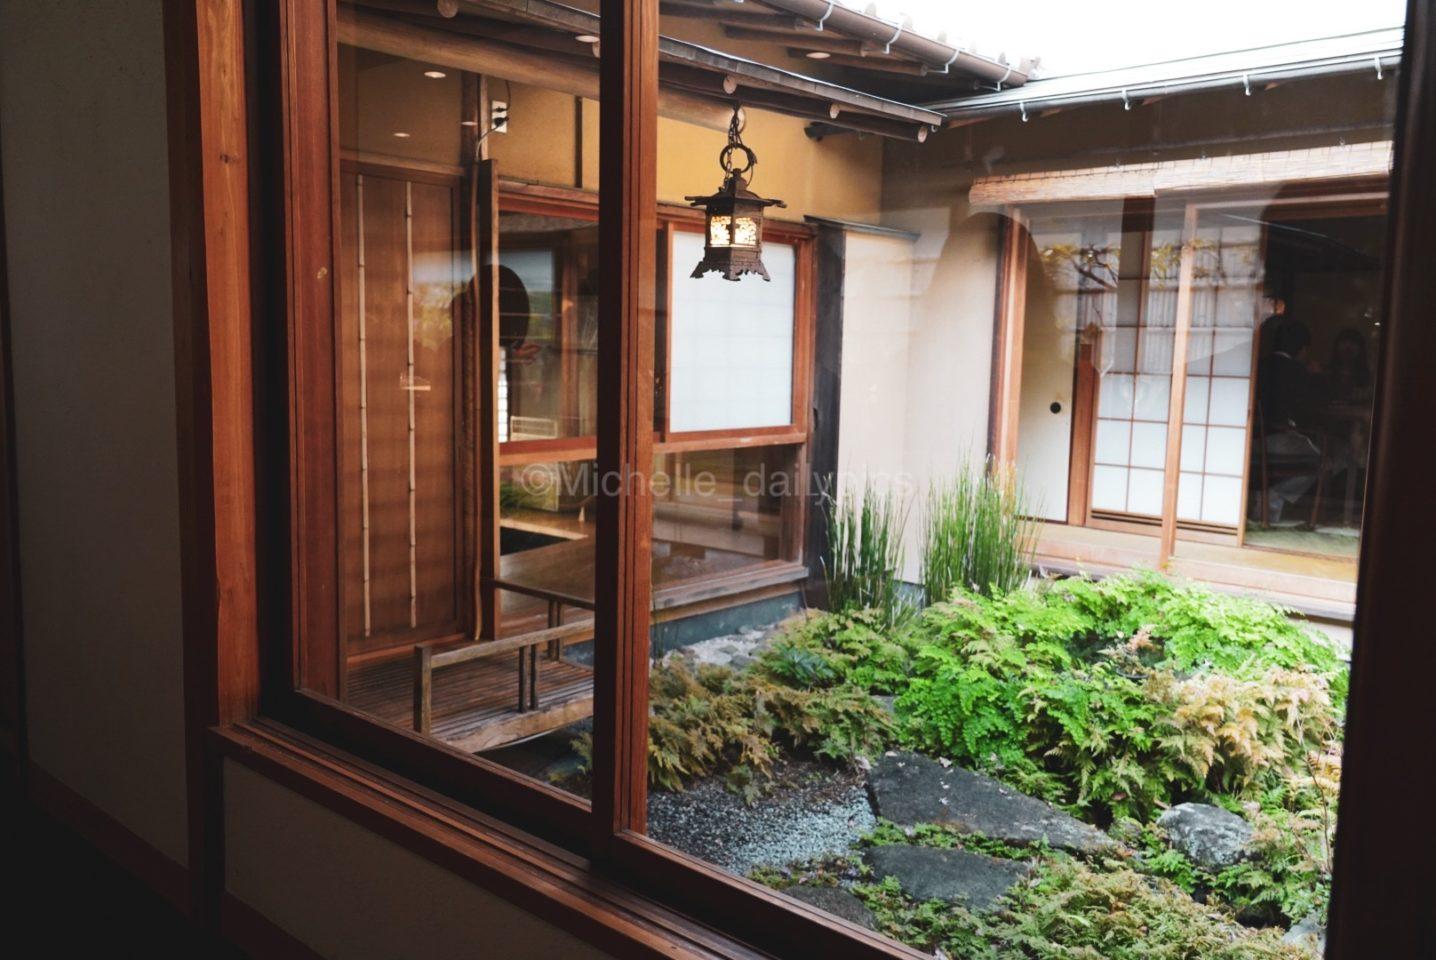 dsc07095 - 鎌倉美食巡り - 和の空間でいただく中華「イチリンハナレ」